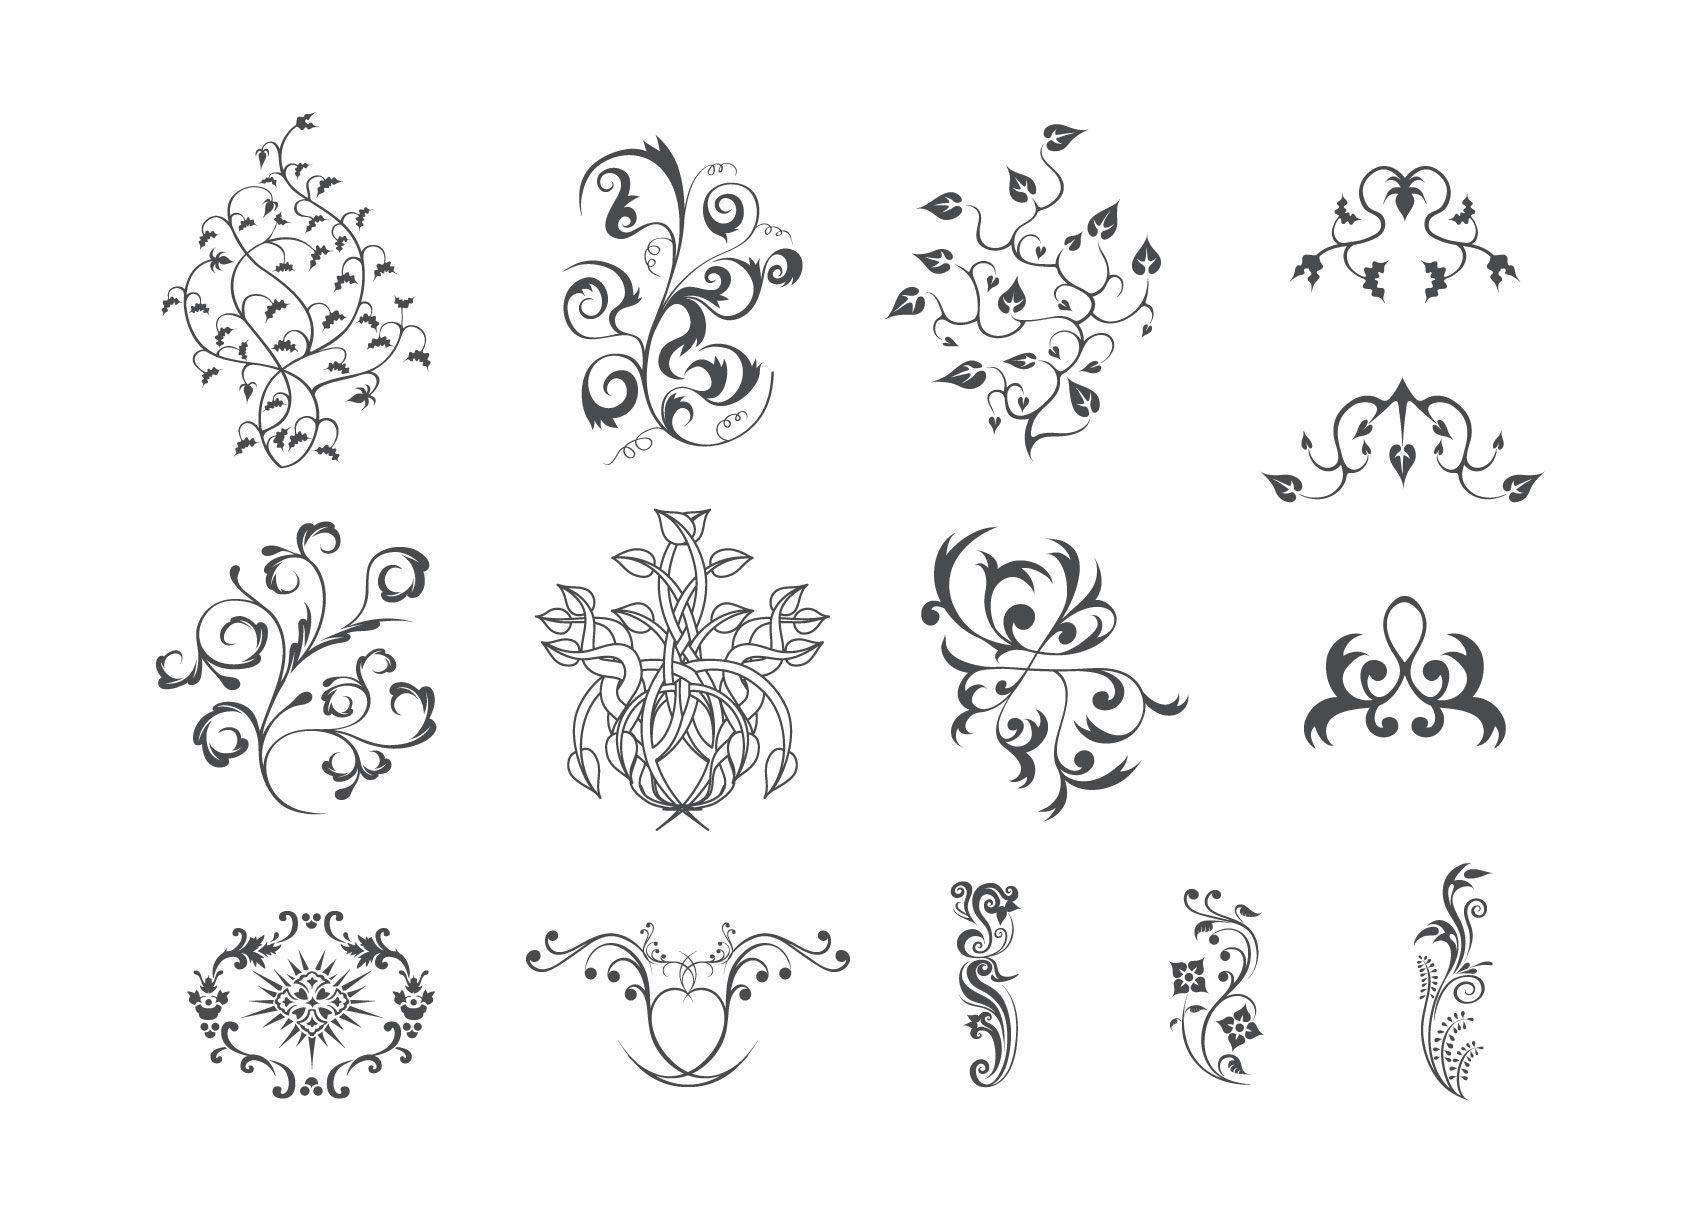 Simple Floral Ornament Set